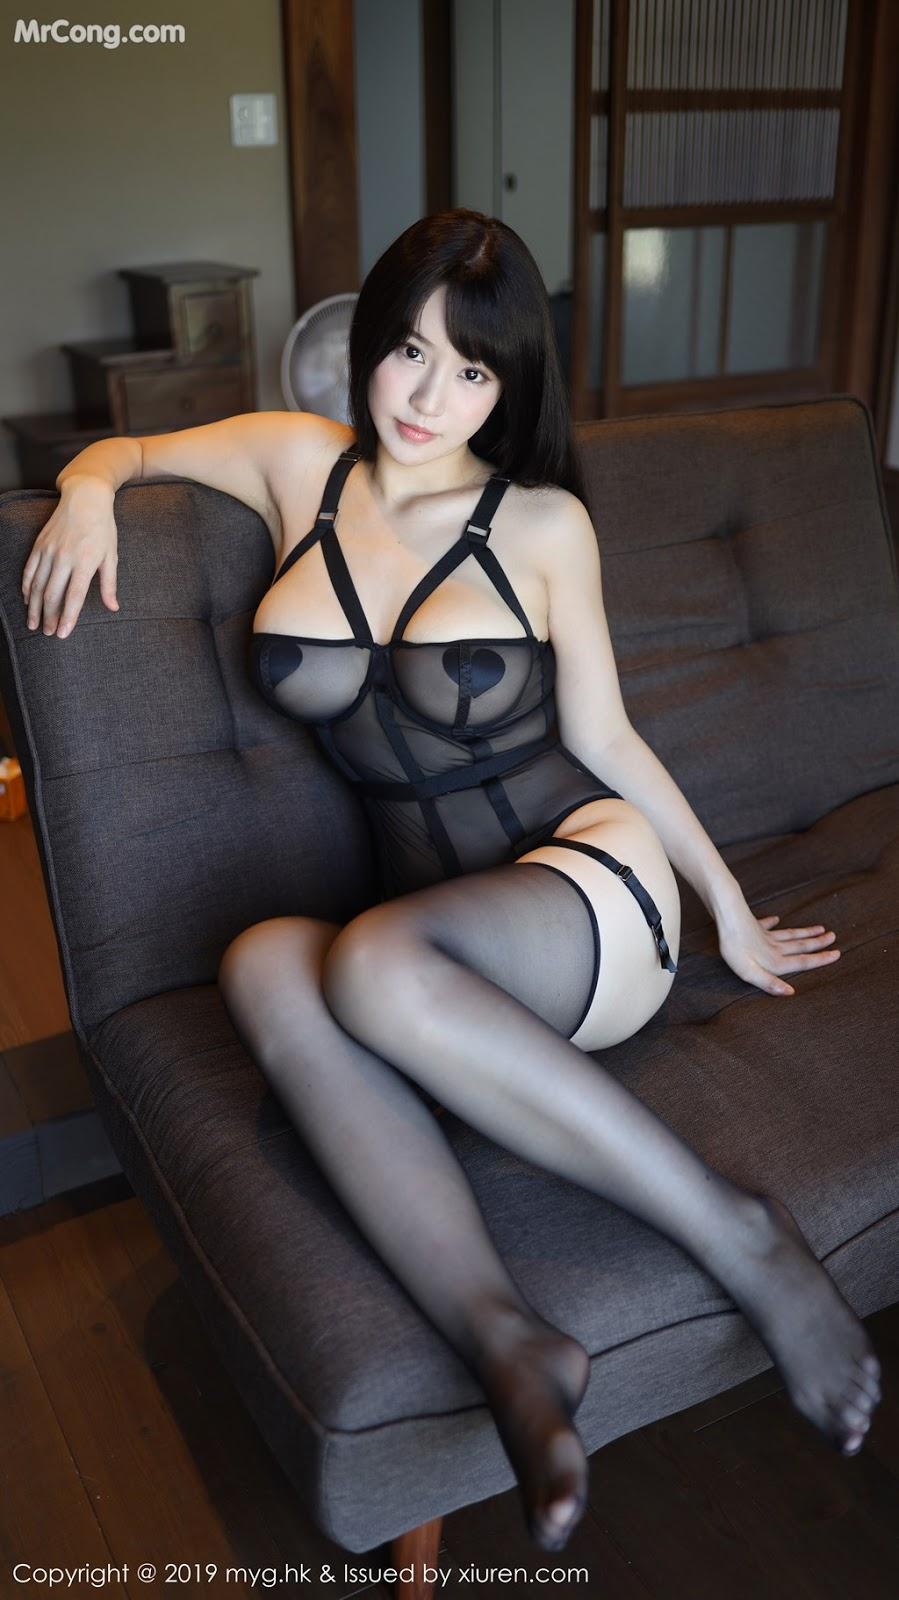 Image MyGirl-Vol.391-Zhu-Ke-Er-Flower-MrCong.com-003 in post MyGirl Vol.391: Zhu Ke Er (Flower朱可儿) (42 ảnh)